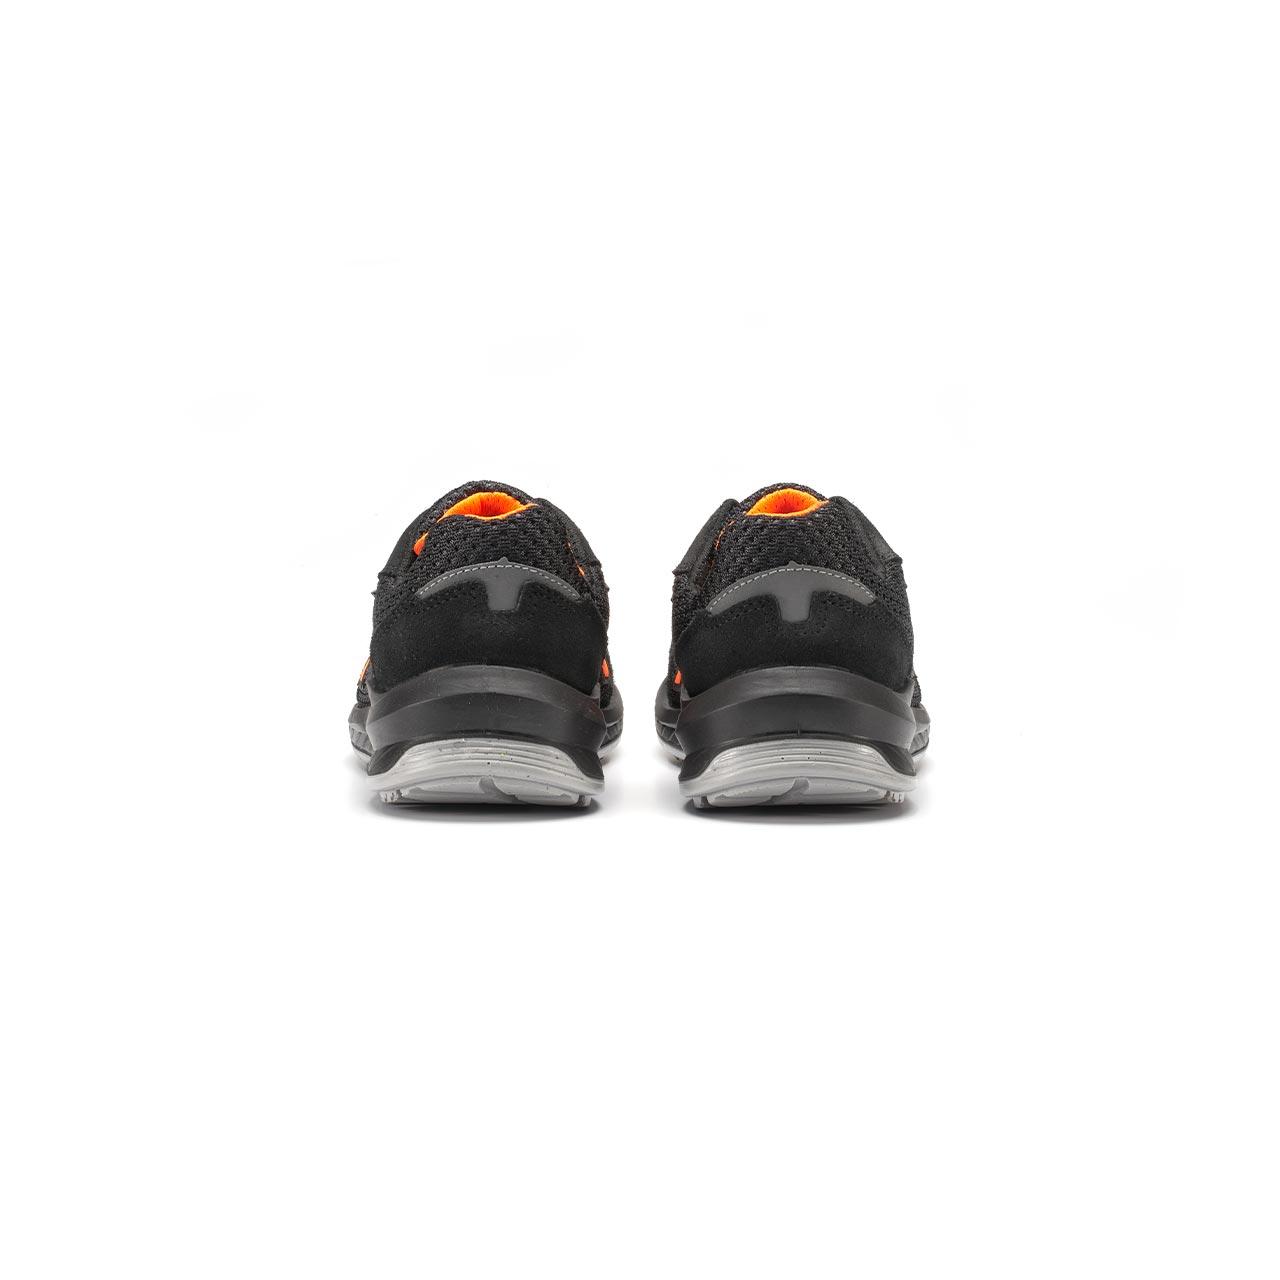 paio di scarpe antinfortunistiche upower modello nairobi linea redindustry vista retro